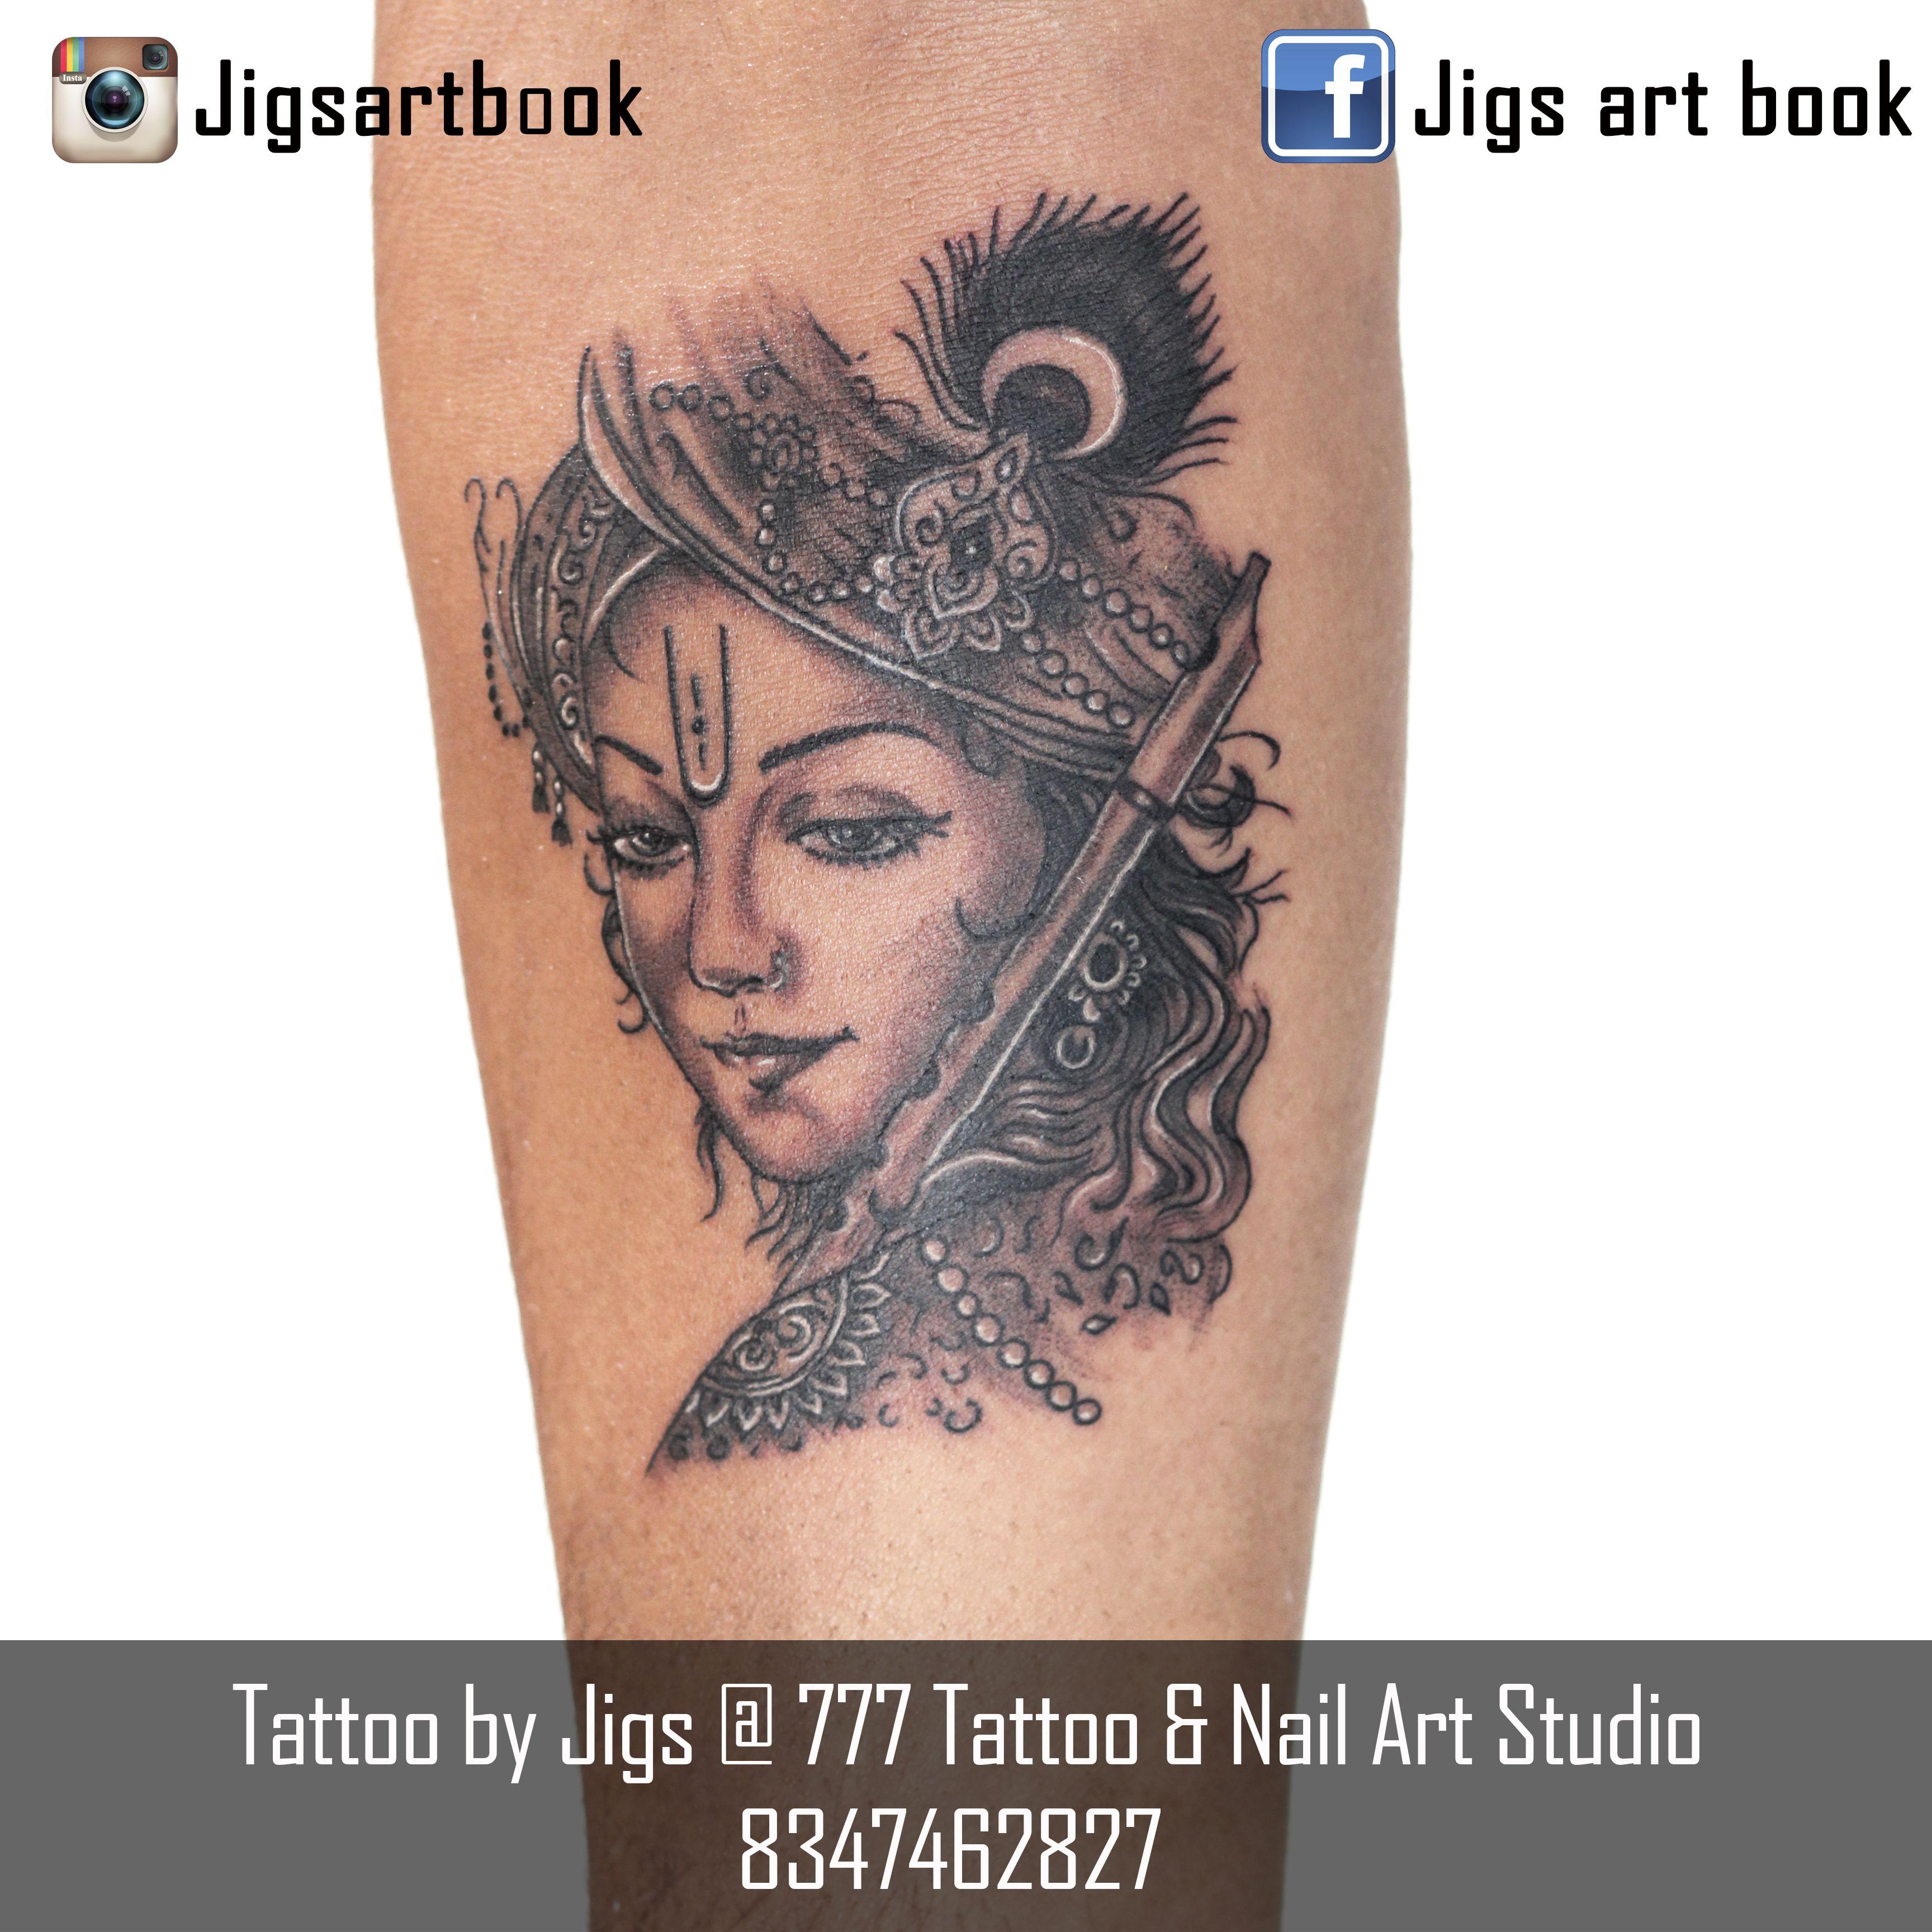 tattoo by jigs at 777 tattoo nail art studio v v nagar anand krishna tattoo tattoo inked. Black Bedroom Furniture Sets. Home Design Ideas